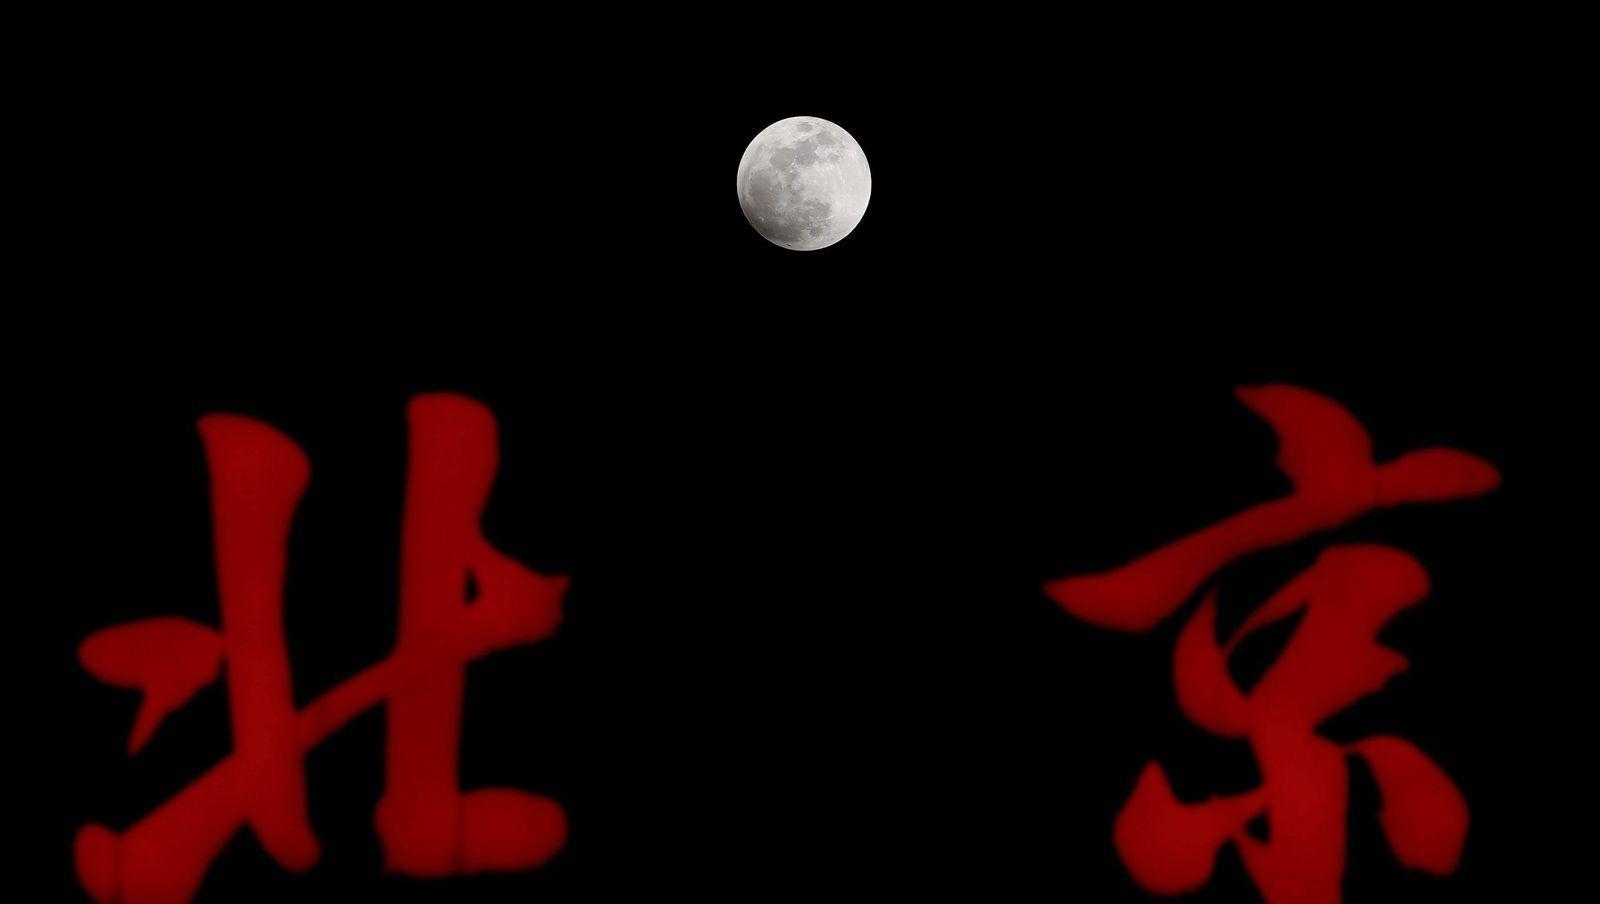 Өнөөдөр Хятадууд сарны сүүдэртэй талд ажиллах дэлхийн анхны хиймэл дагуулыг хөөргөнө